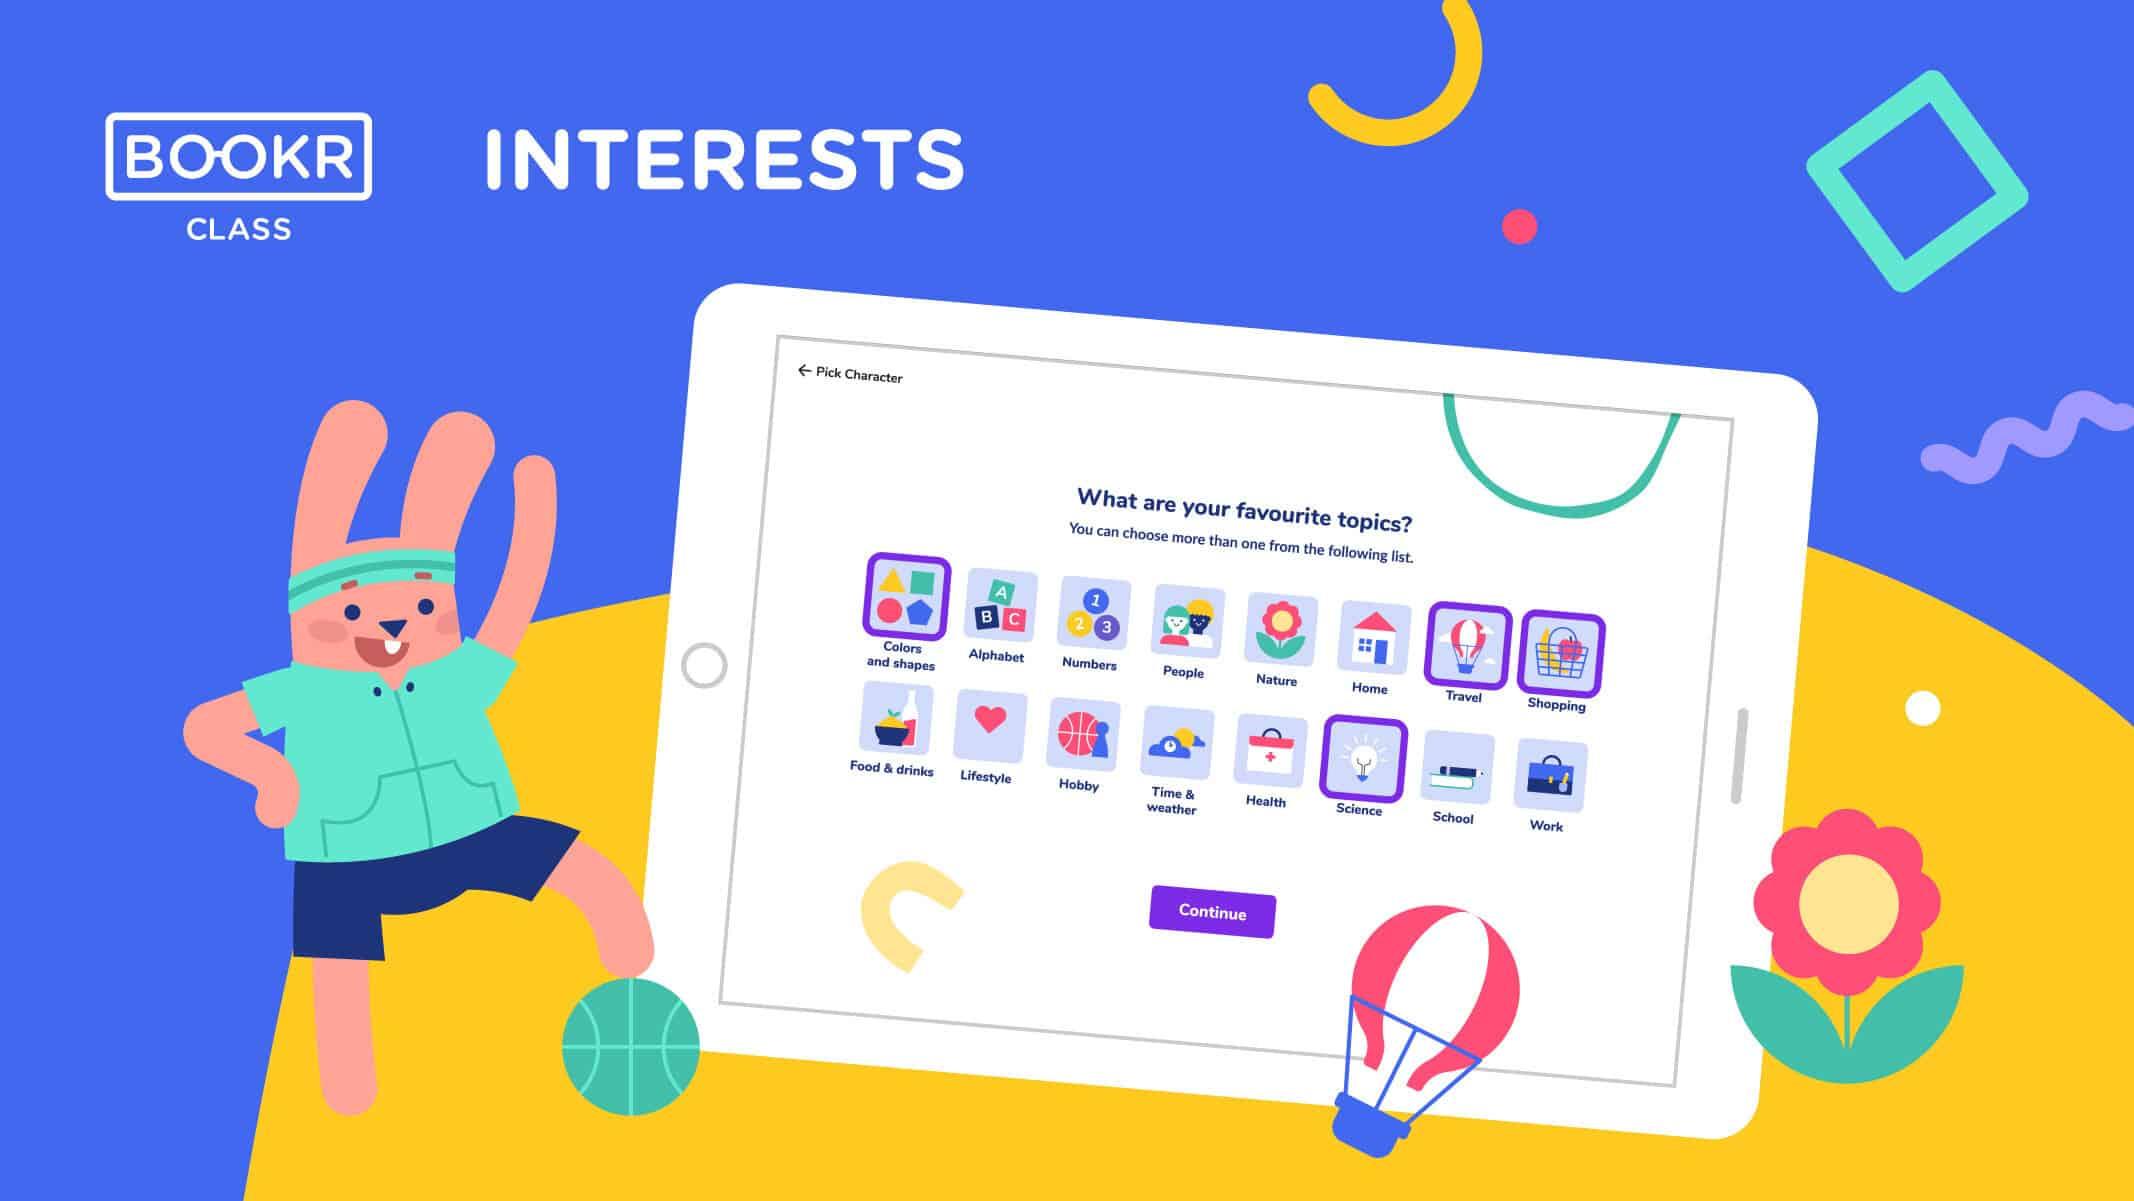 interests_bookrclass